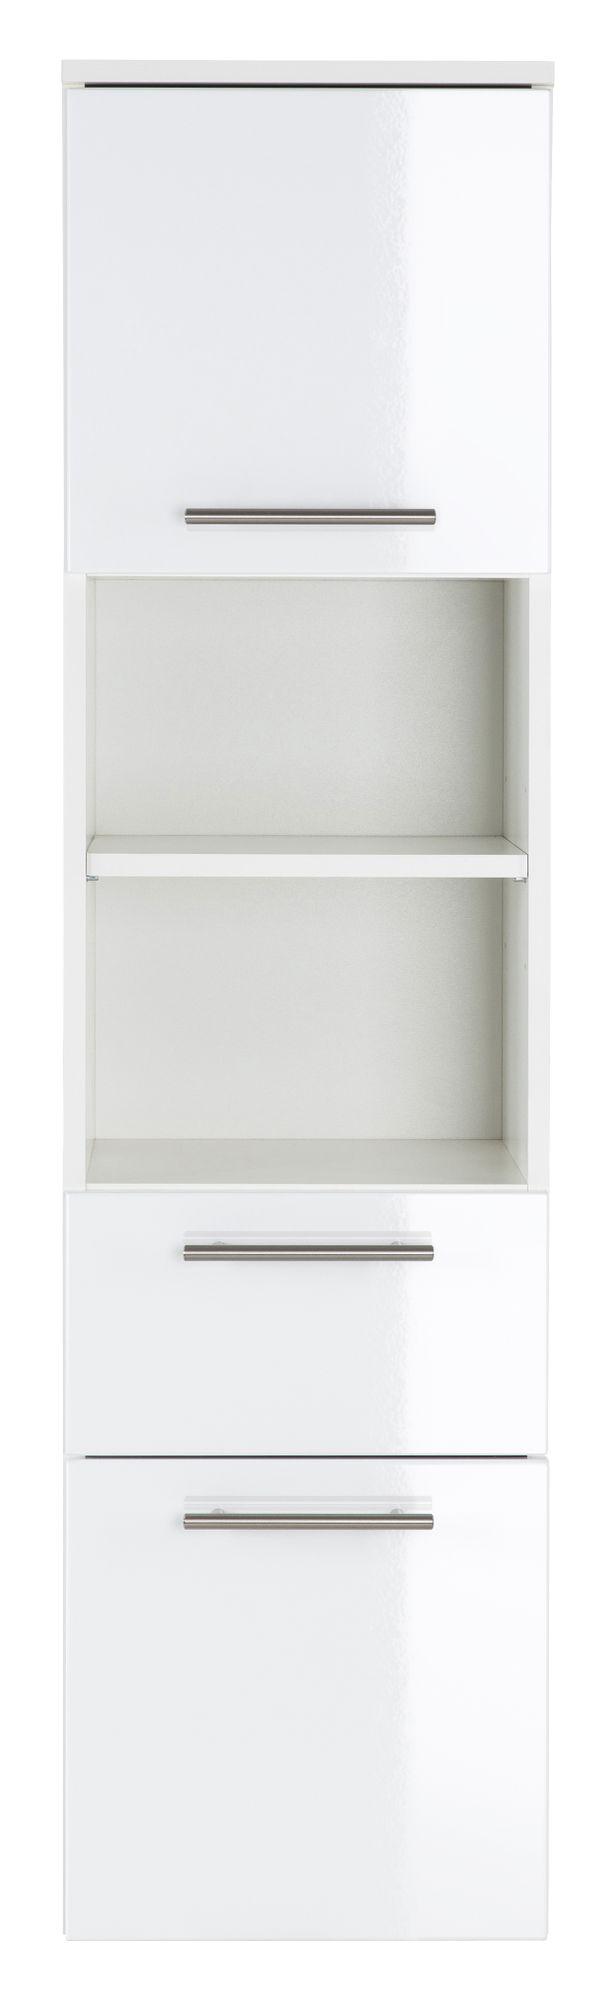 Hochschrank Basic 135, Farben: weiß/weiß hochglanz, weiß/schwarz seidenglanz,weiß/anthrazit seidenglanz, weiß/eiche hell, weiß/beton